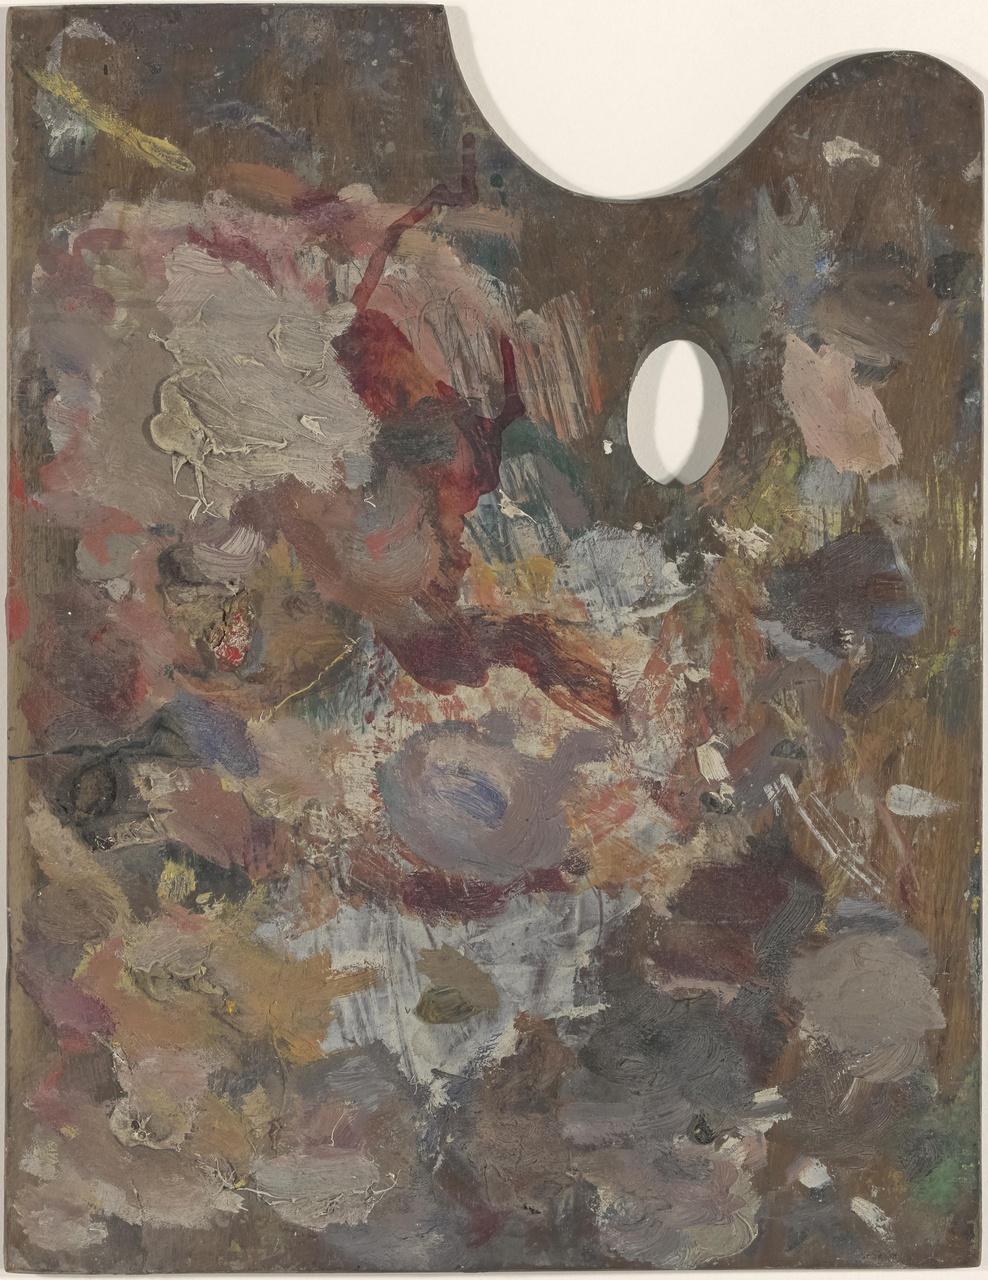 Schilderspalet van Theo van Doesburg